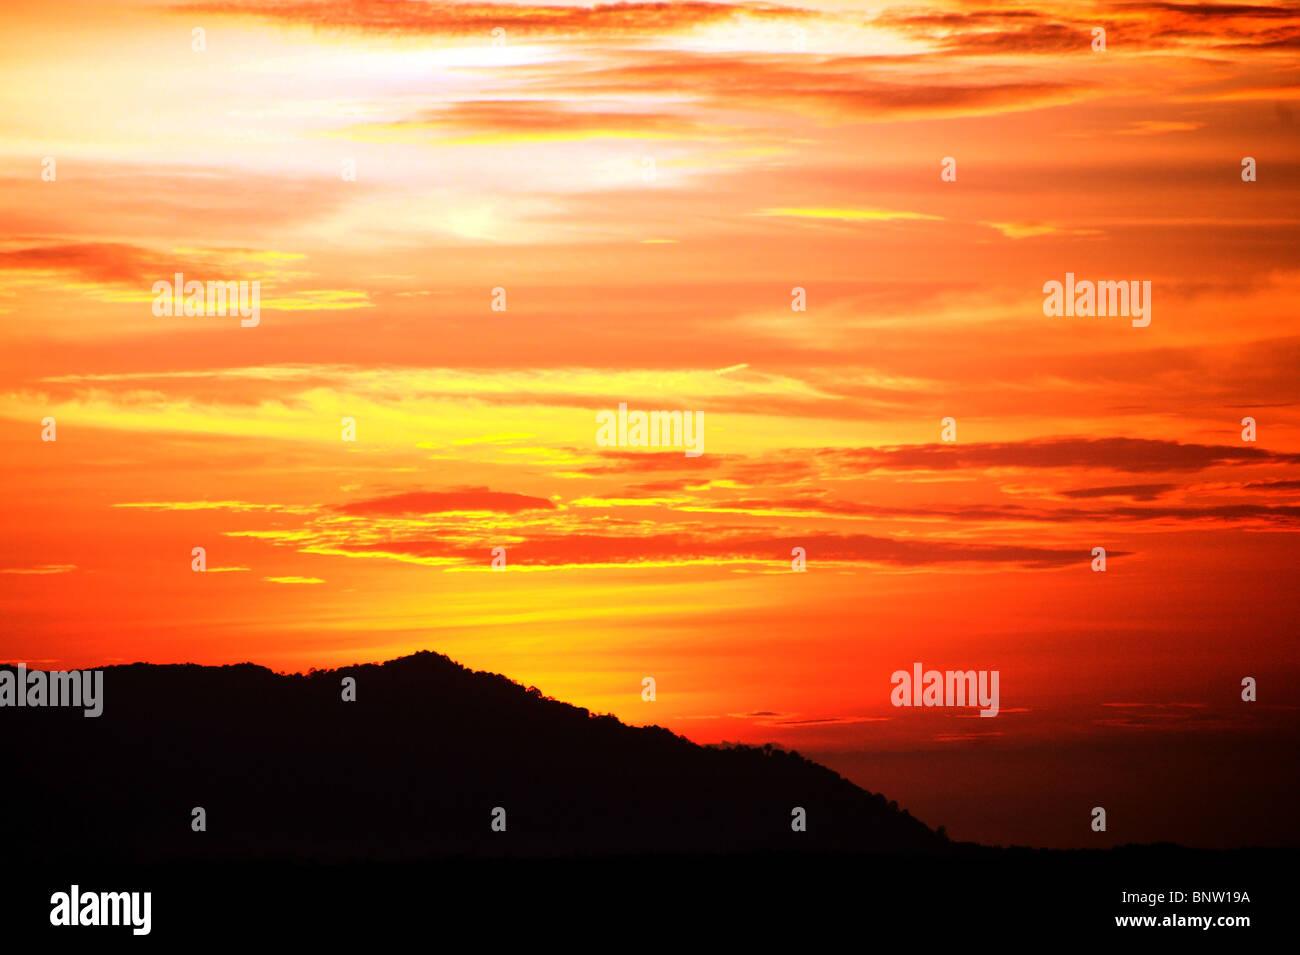 Coucher du soleil sur les montagnes avec une sorte de Matang (hauteur du vol d'oiseau. La Malaisie. Bornéo. Photo Stock